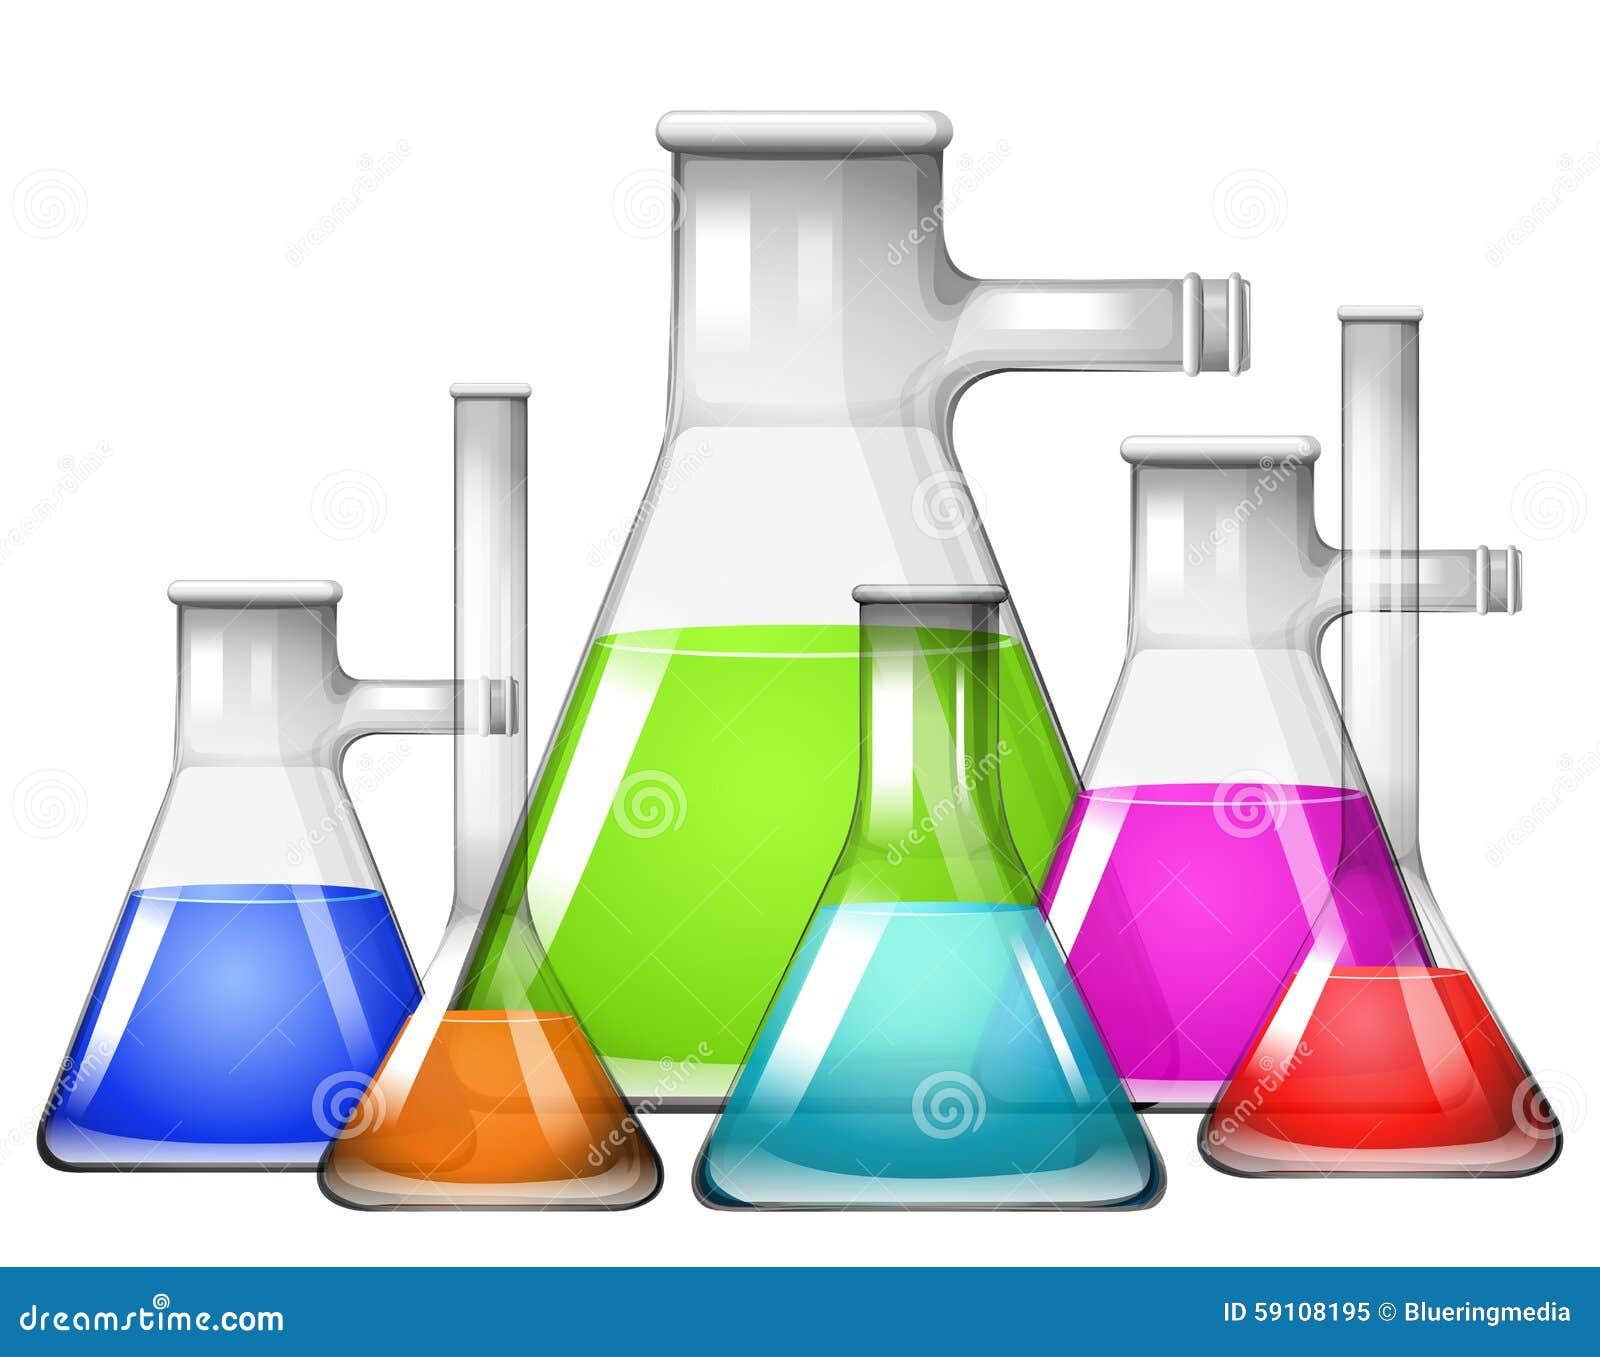 Kemikalie i olikt format av dryckeskärlar